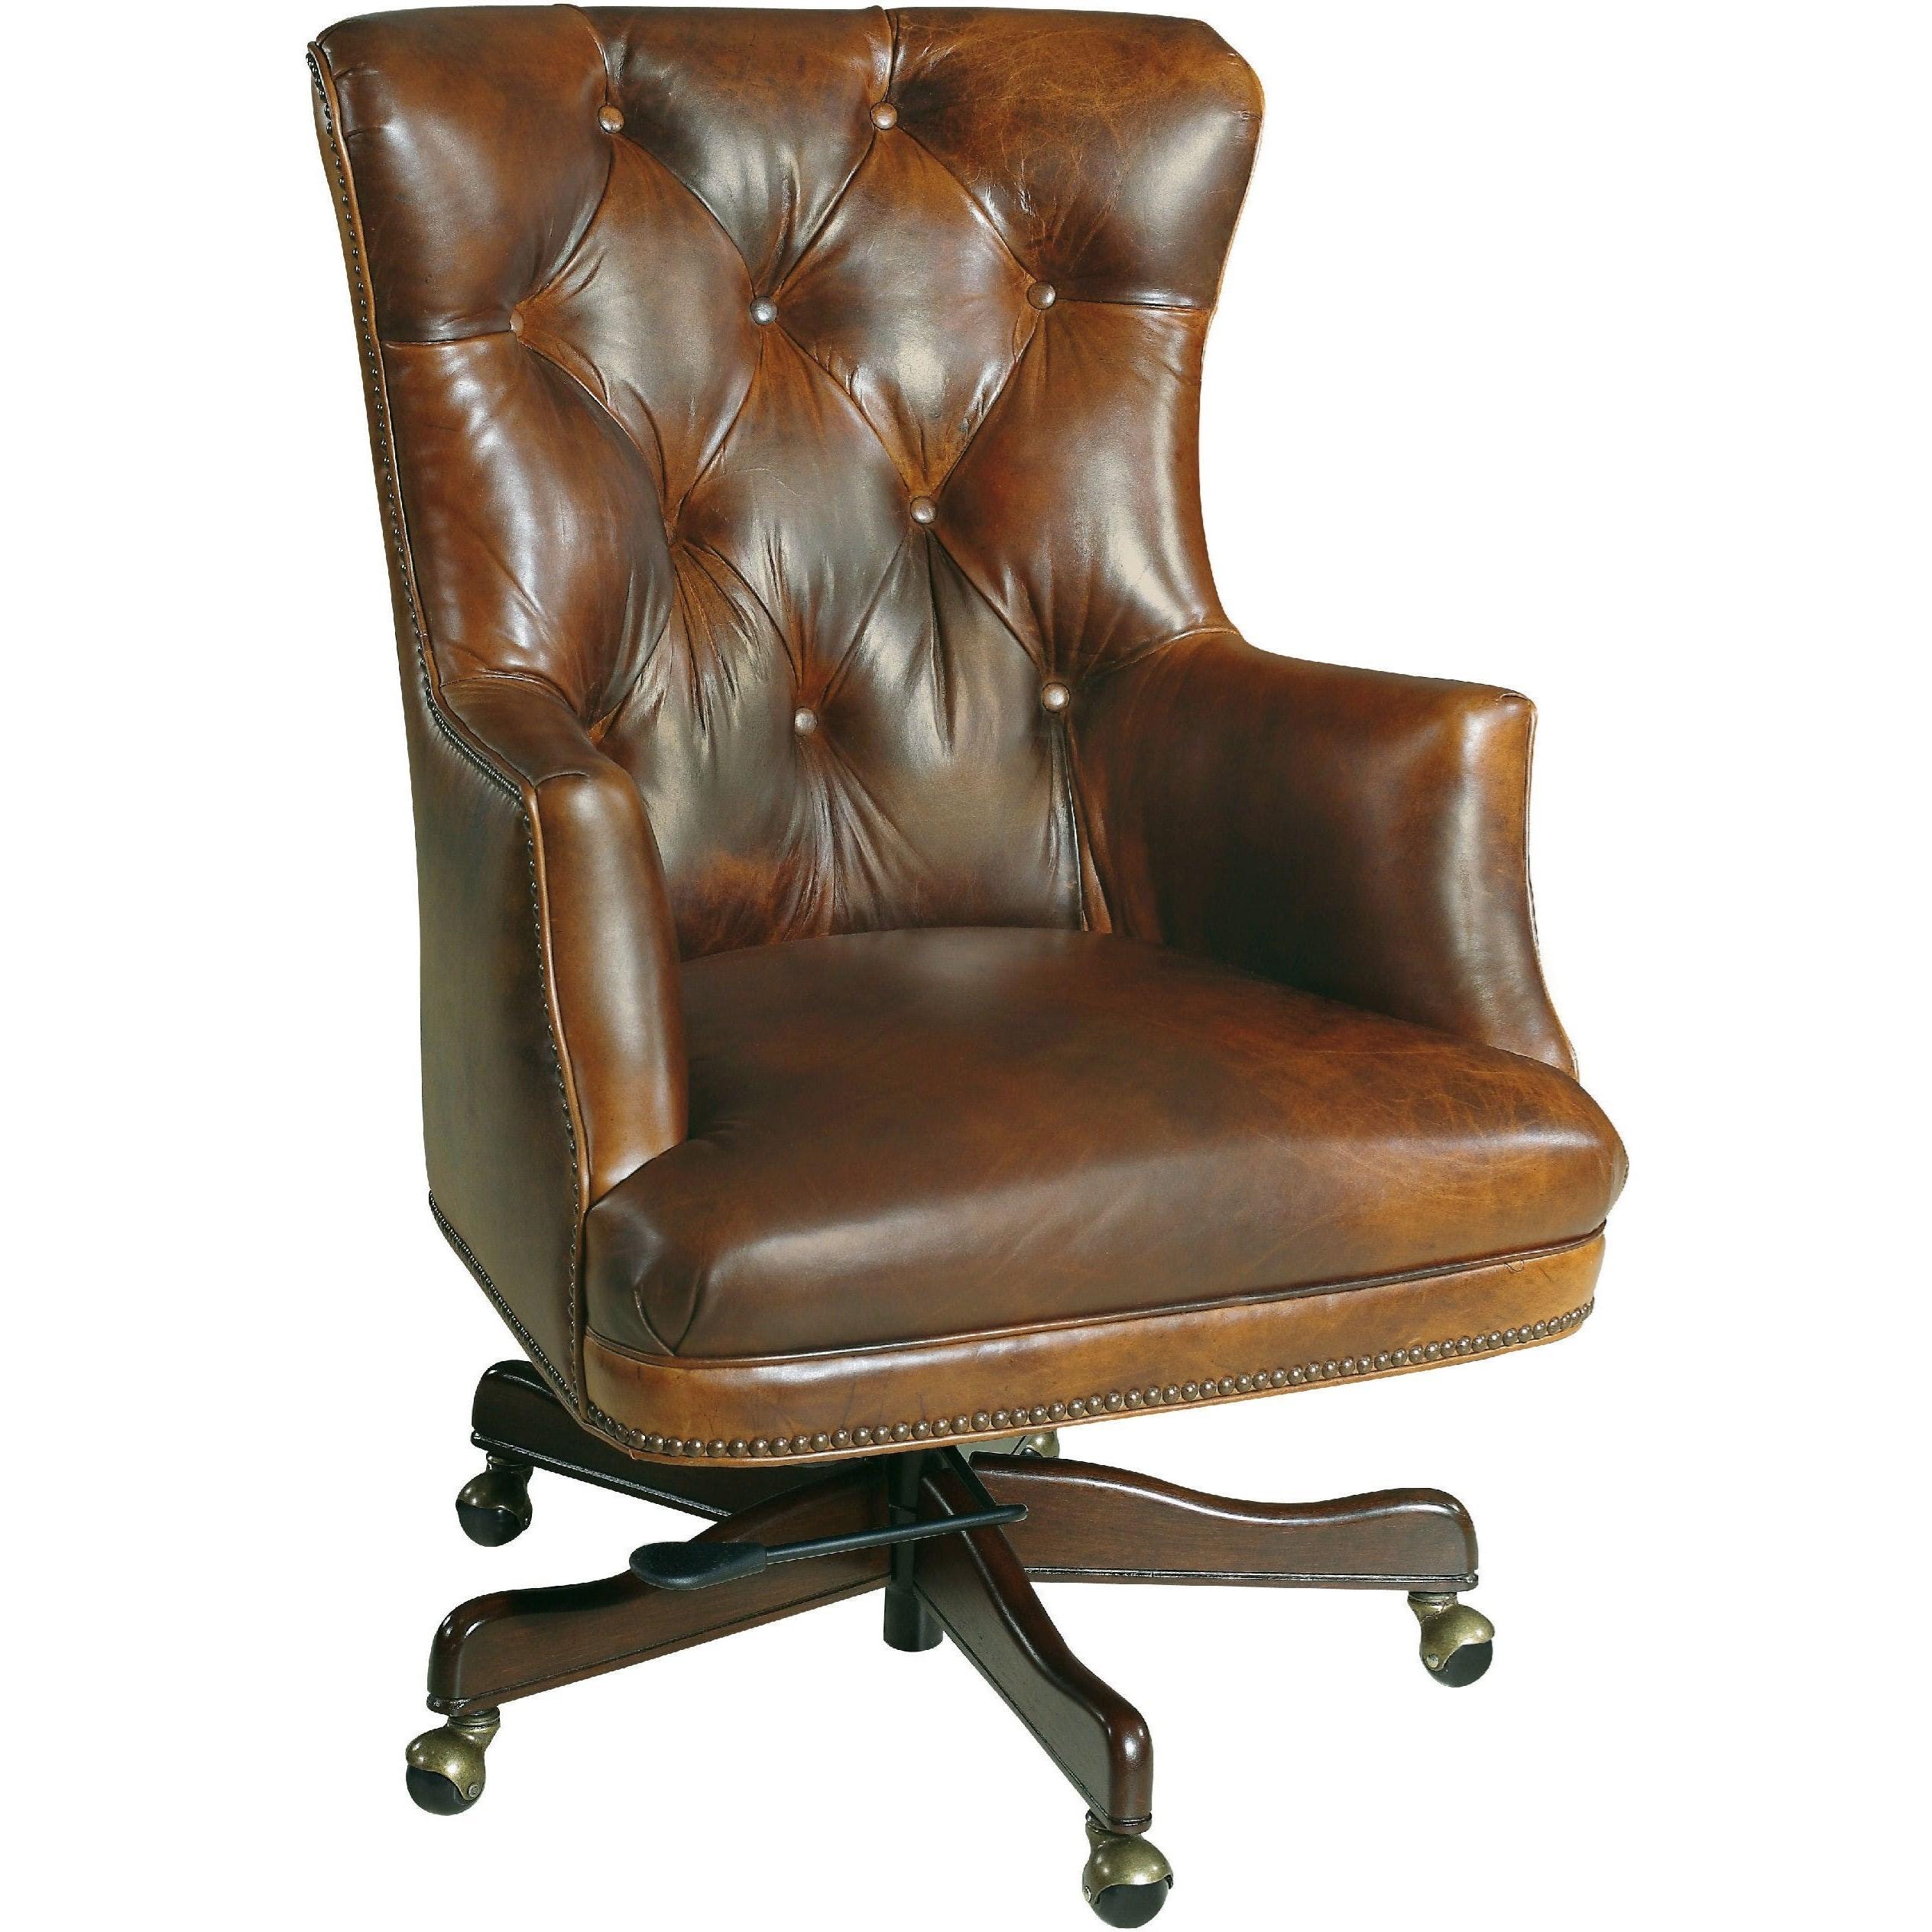 Executive Swivel Tilt Chair